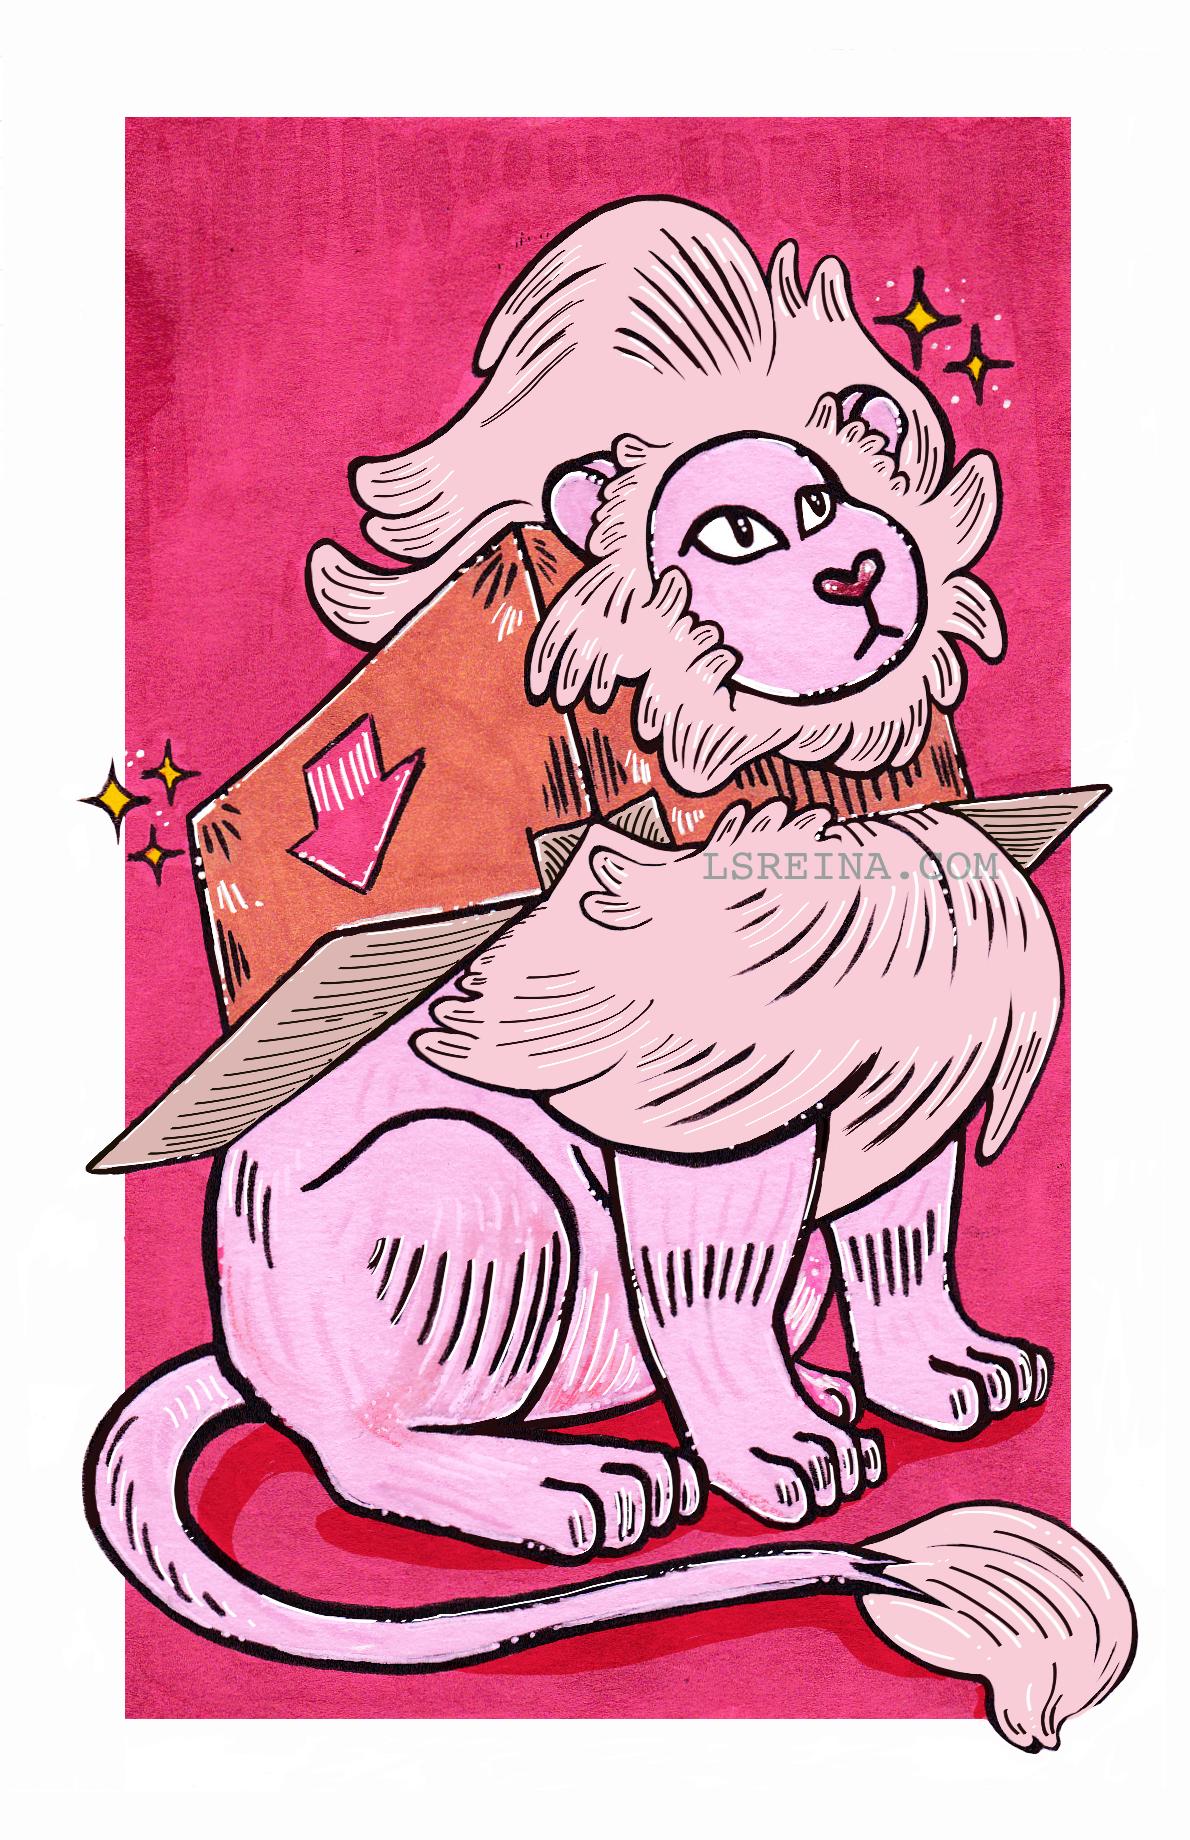 LION (2018)